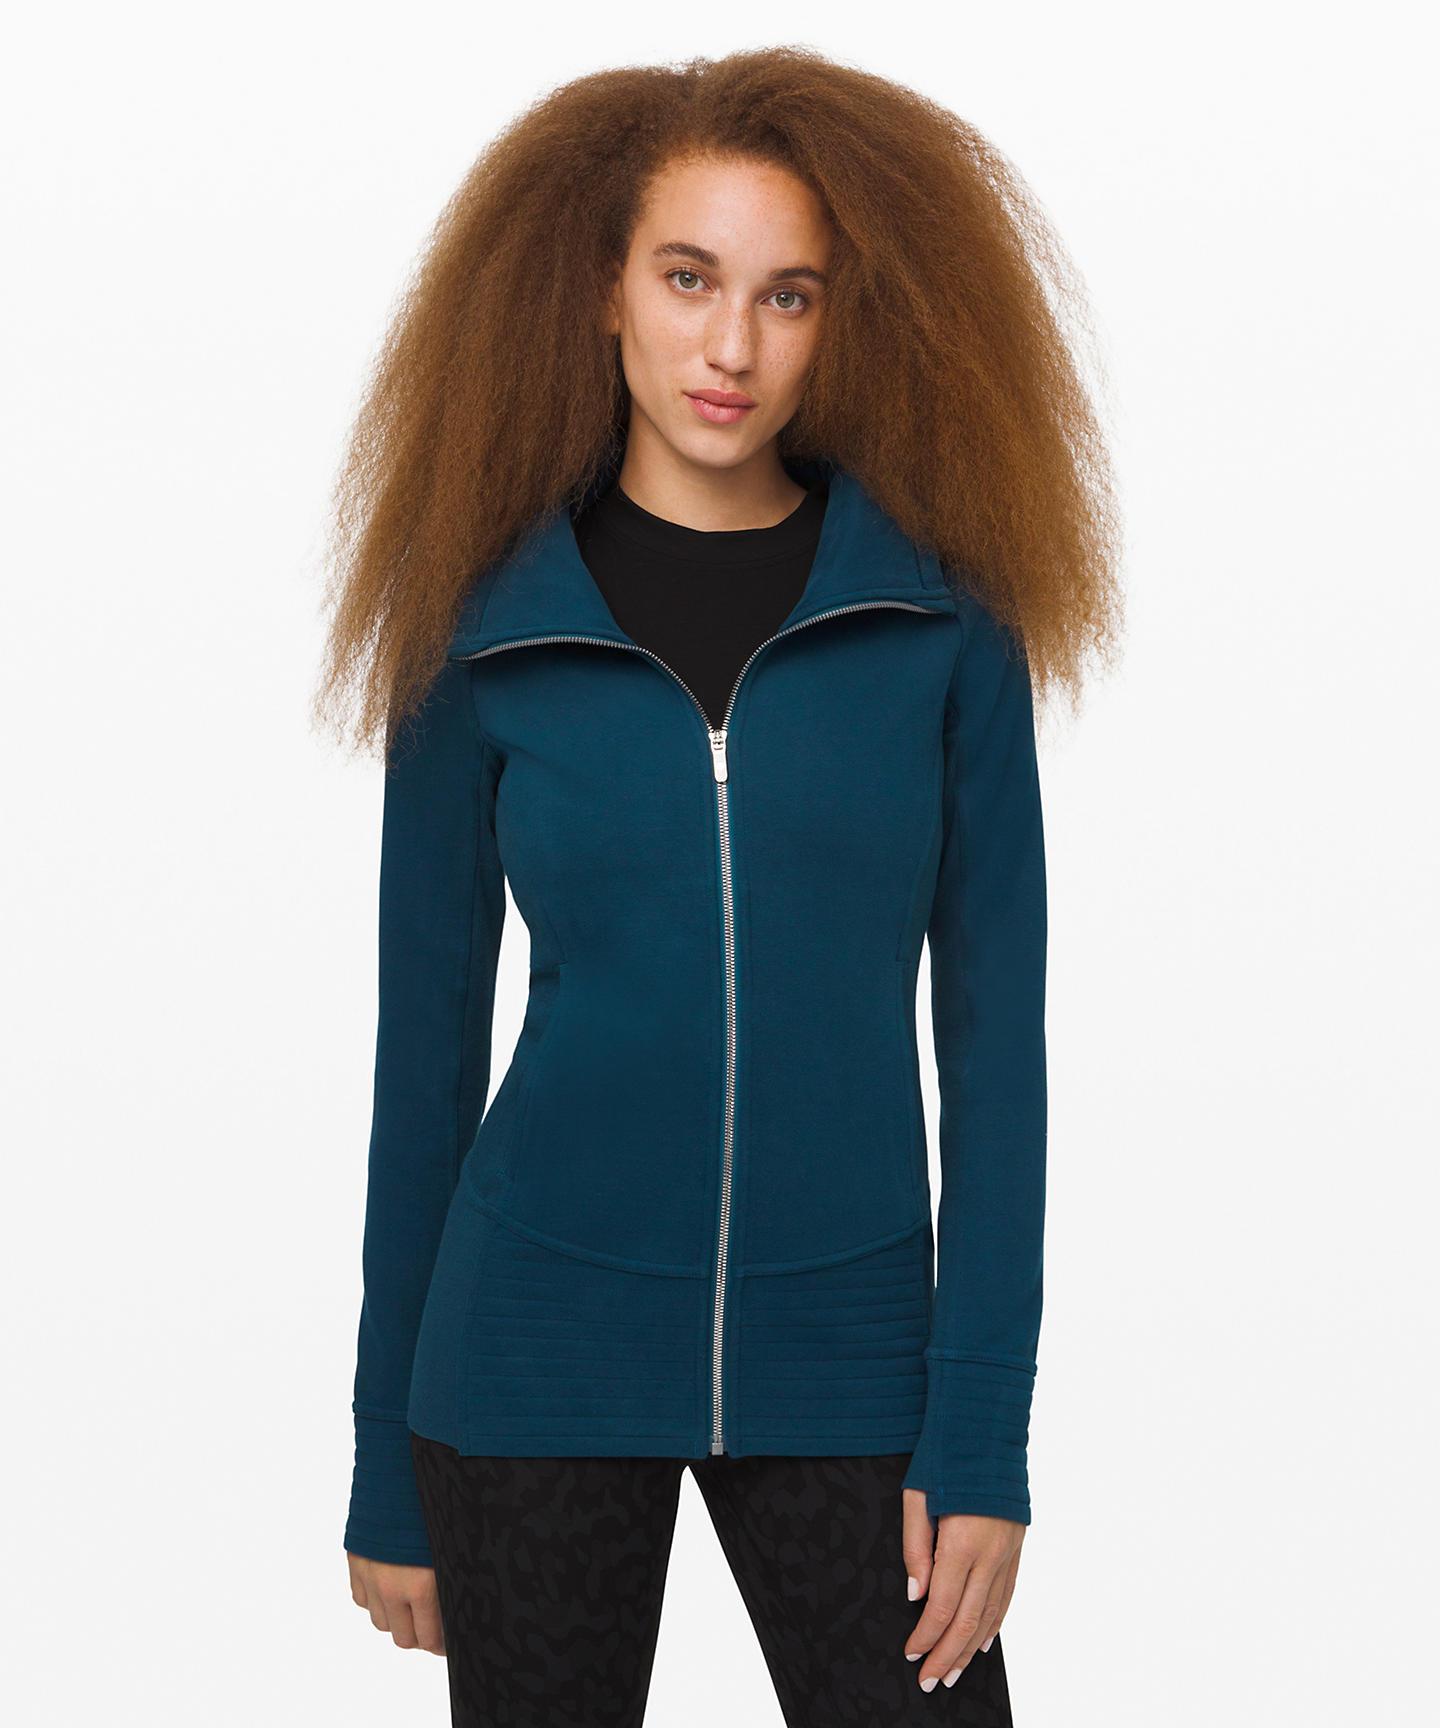 Radiant Jacket, Lululemon Holiday Uploads